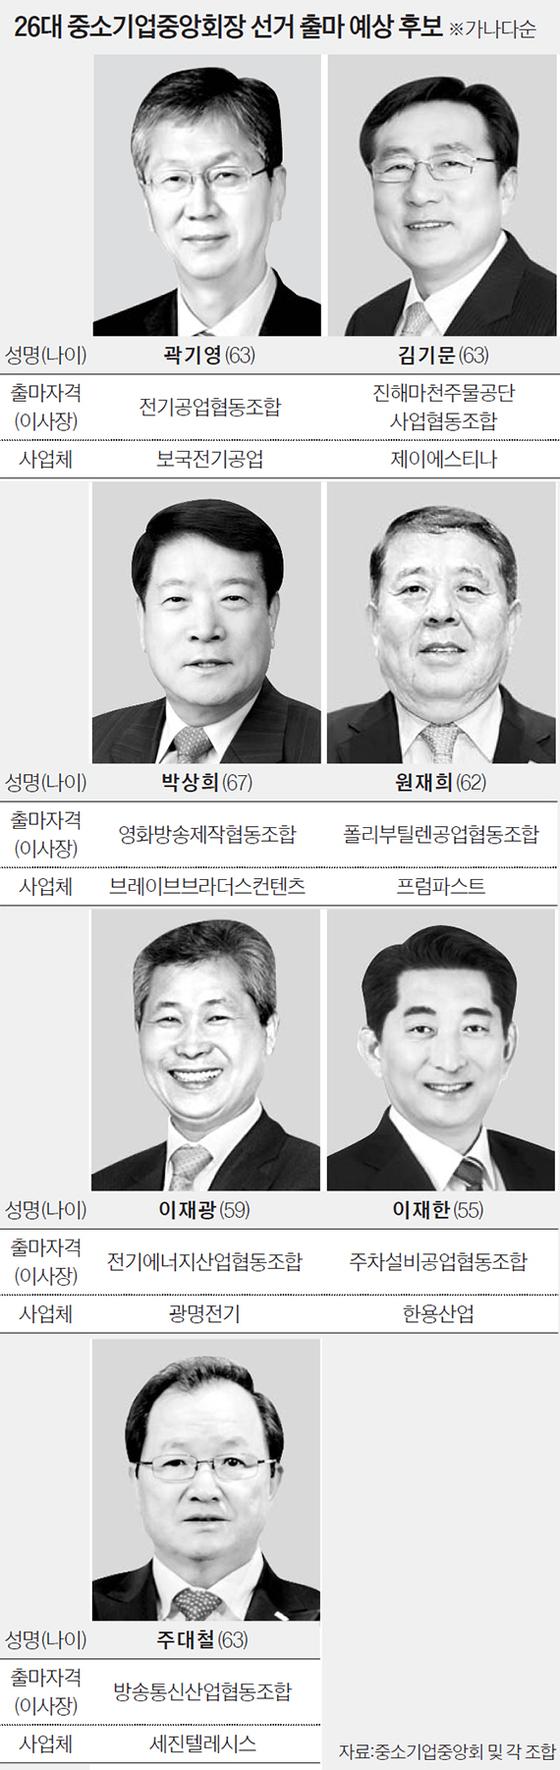 26대 중소기업중앙회장 선거 출마 예상 후보